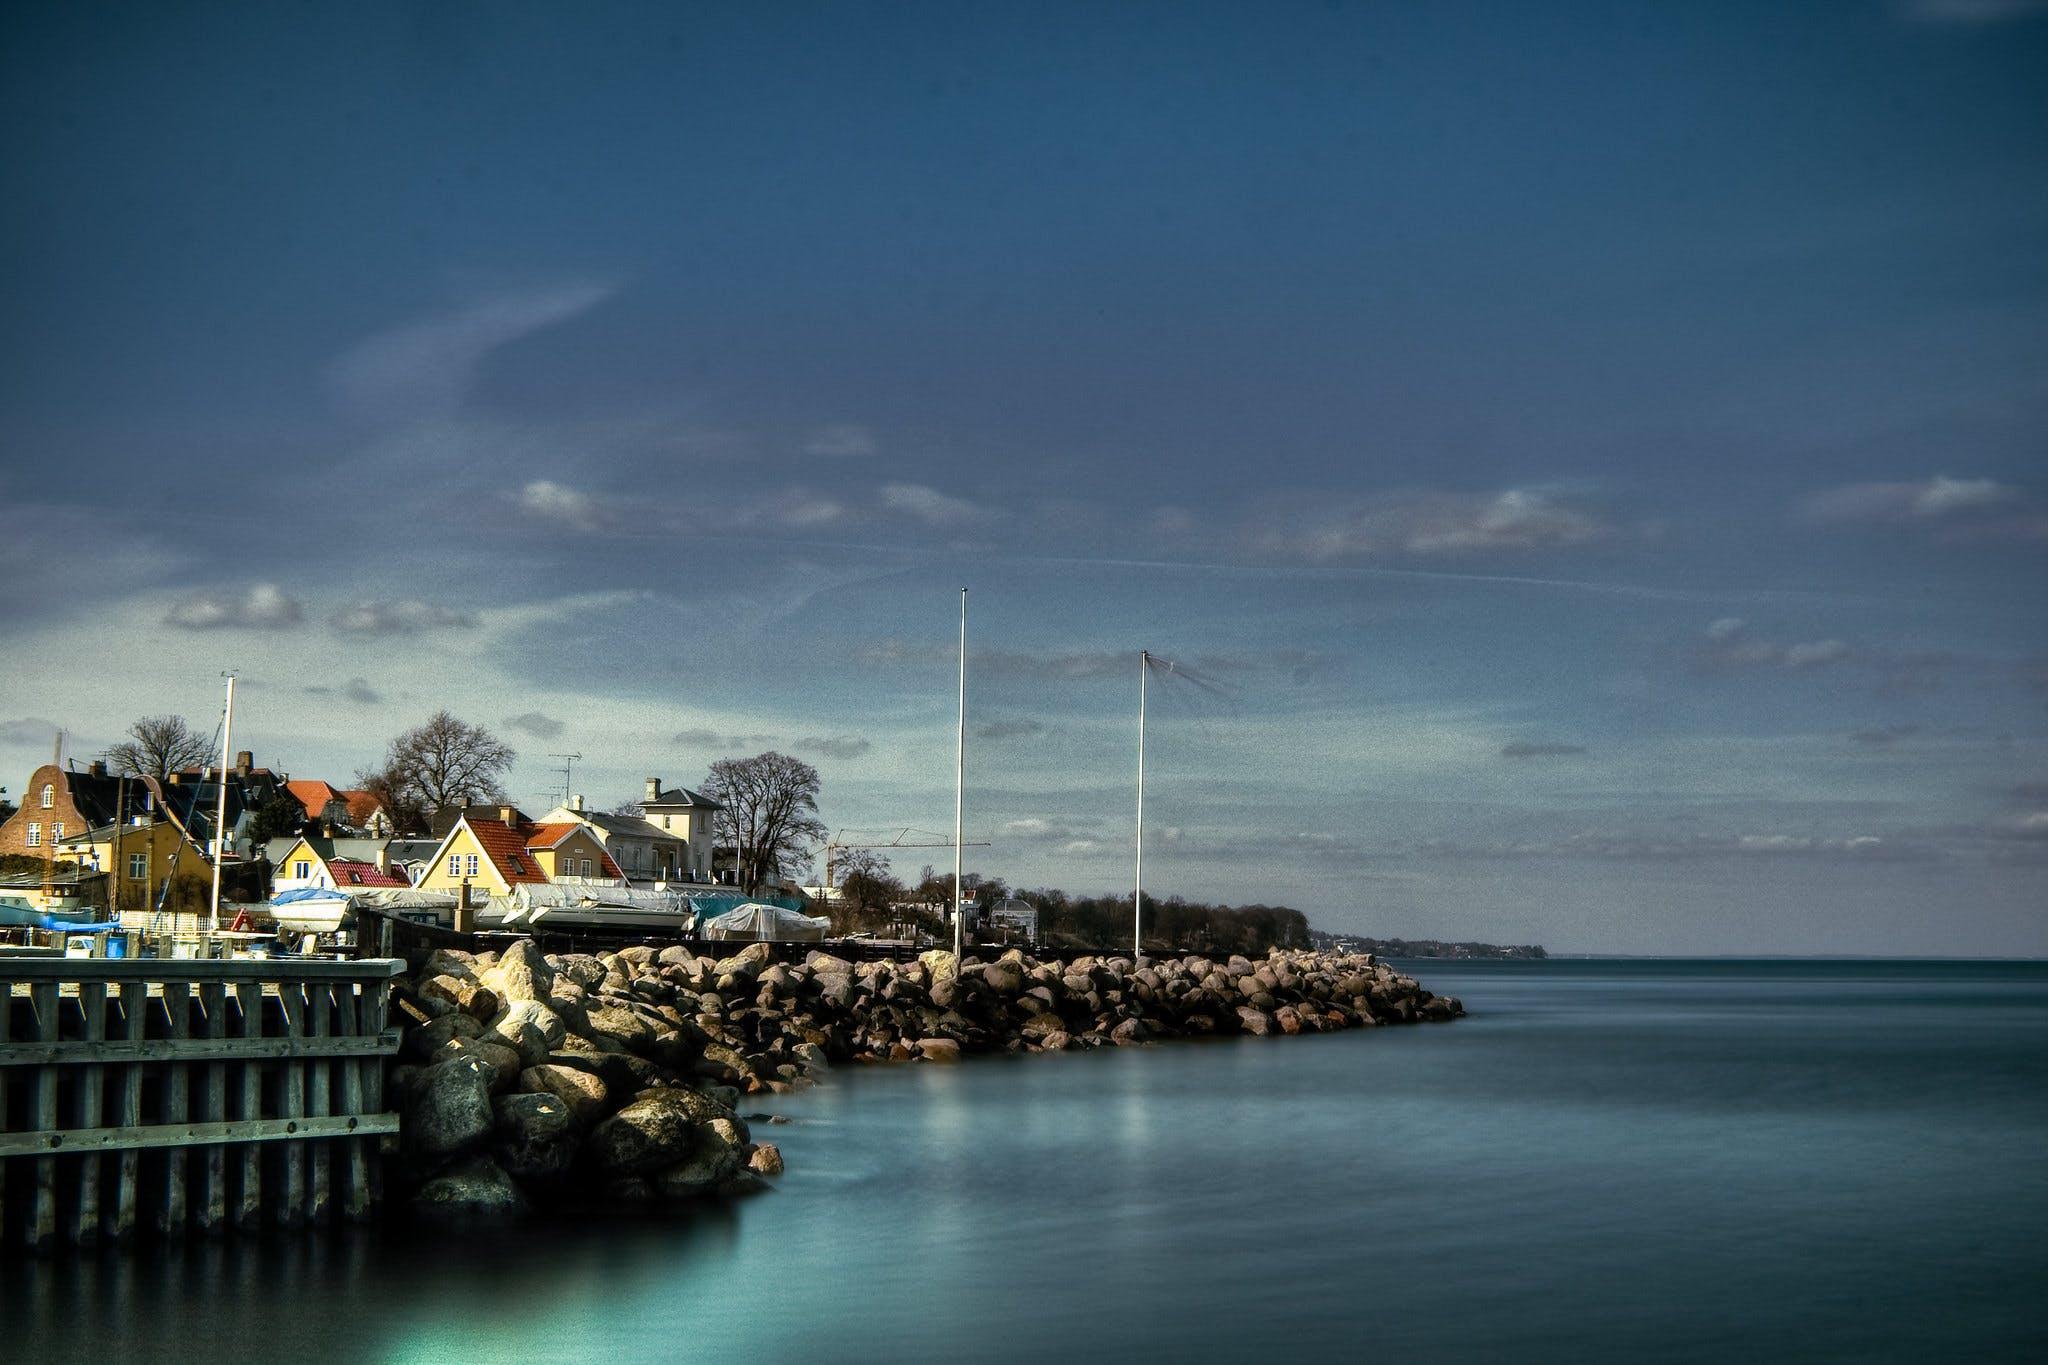 Taarbæk Havn. Foto: CCBY Anders Illum